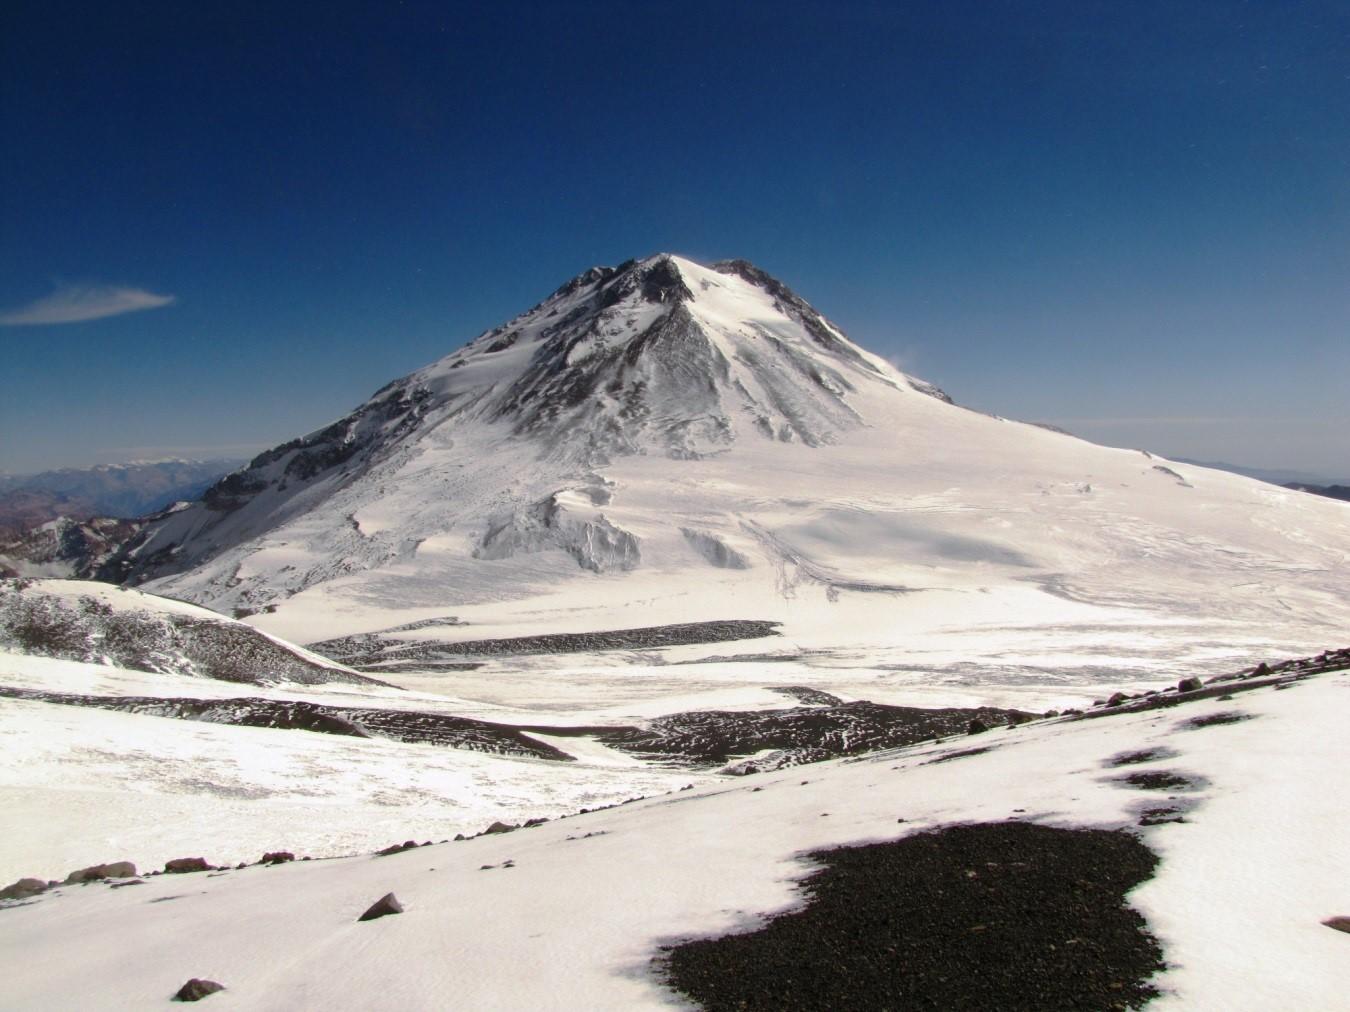 Expedición volcán Tupungato – 26 de diciembre a 6 de enero